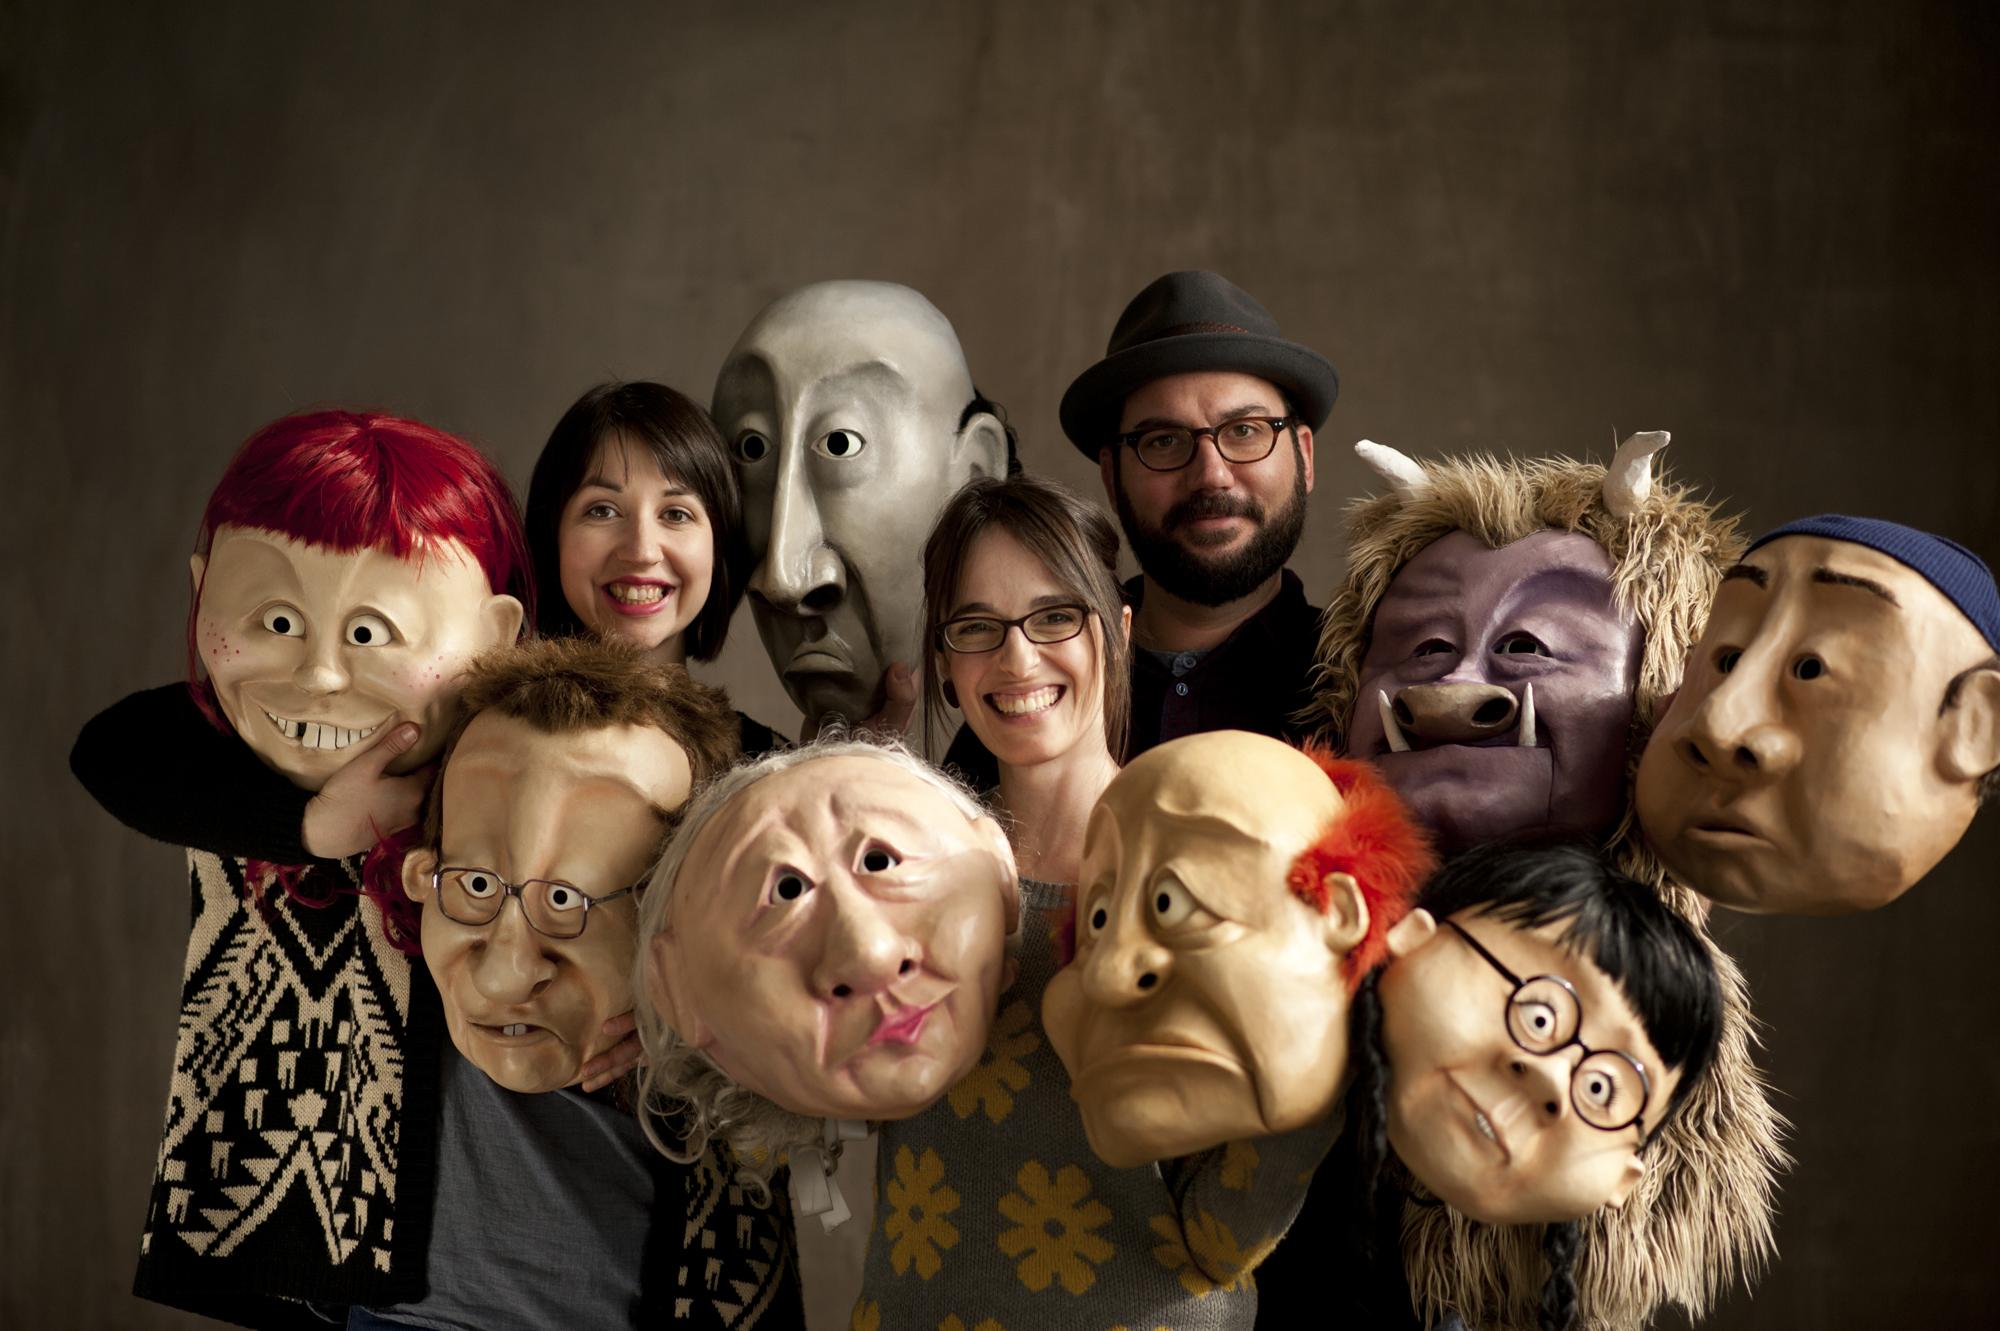 The-Wonderheads-Emily-Windler-left-Kate-Braidwood-center-Andrew-Phoenix-right-Photo-courtesy-of-DesignEgg.jpg